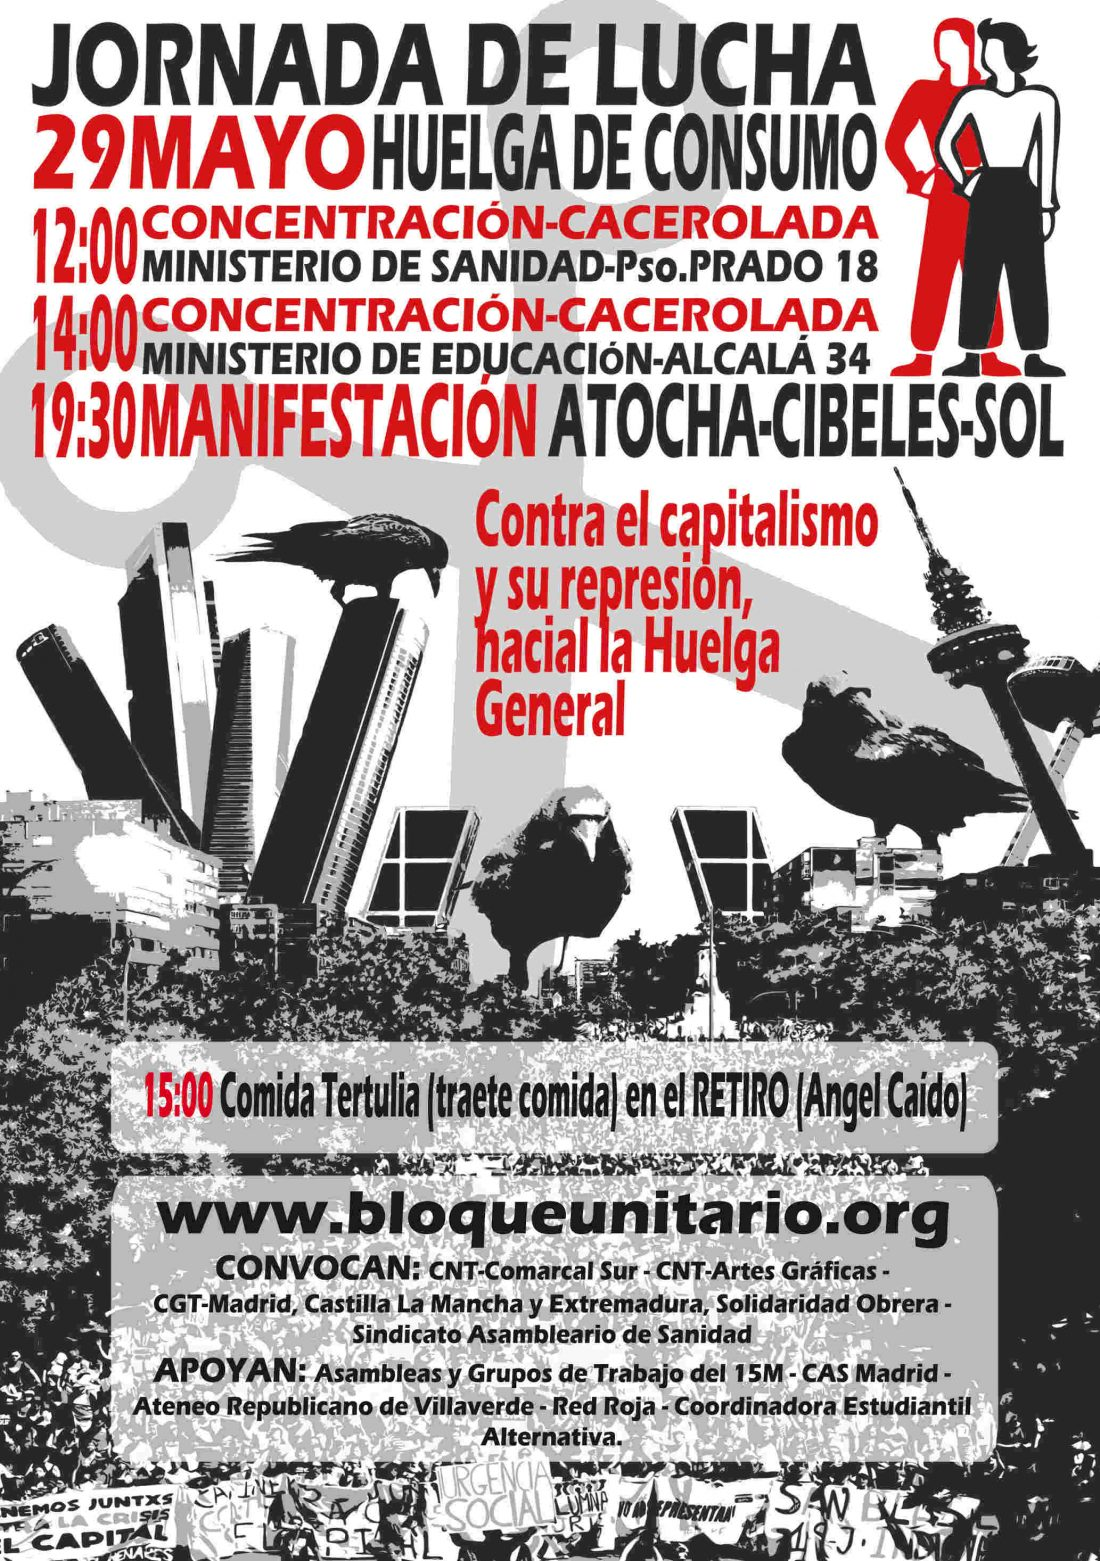 29 de mayo Madrid. Jornada de lucha y huelga de consumo